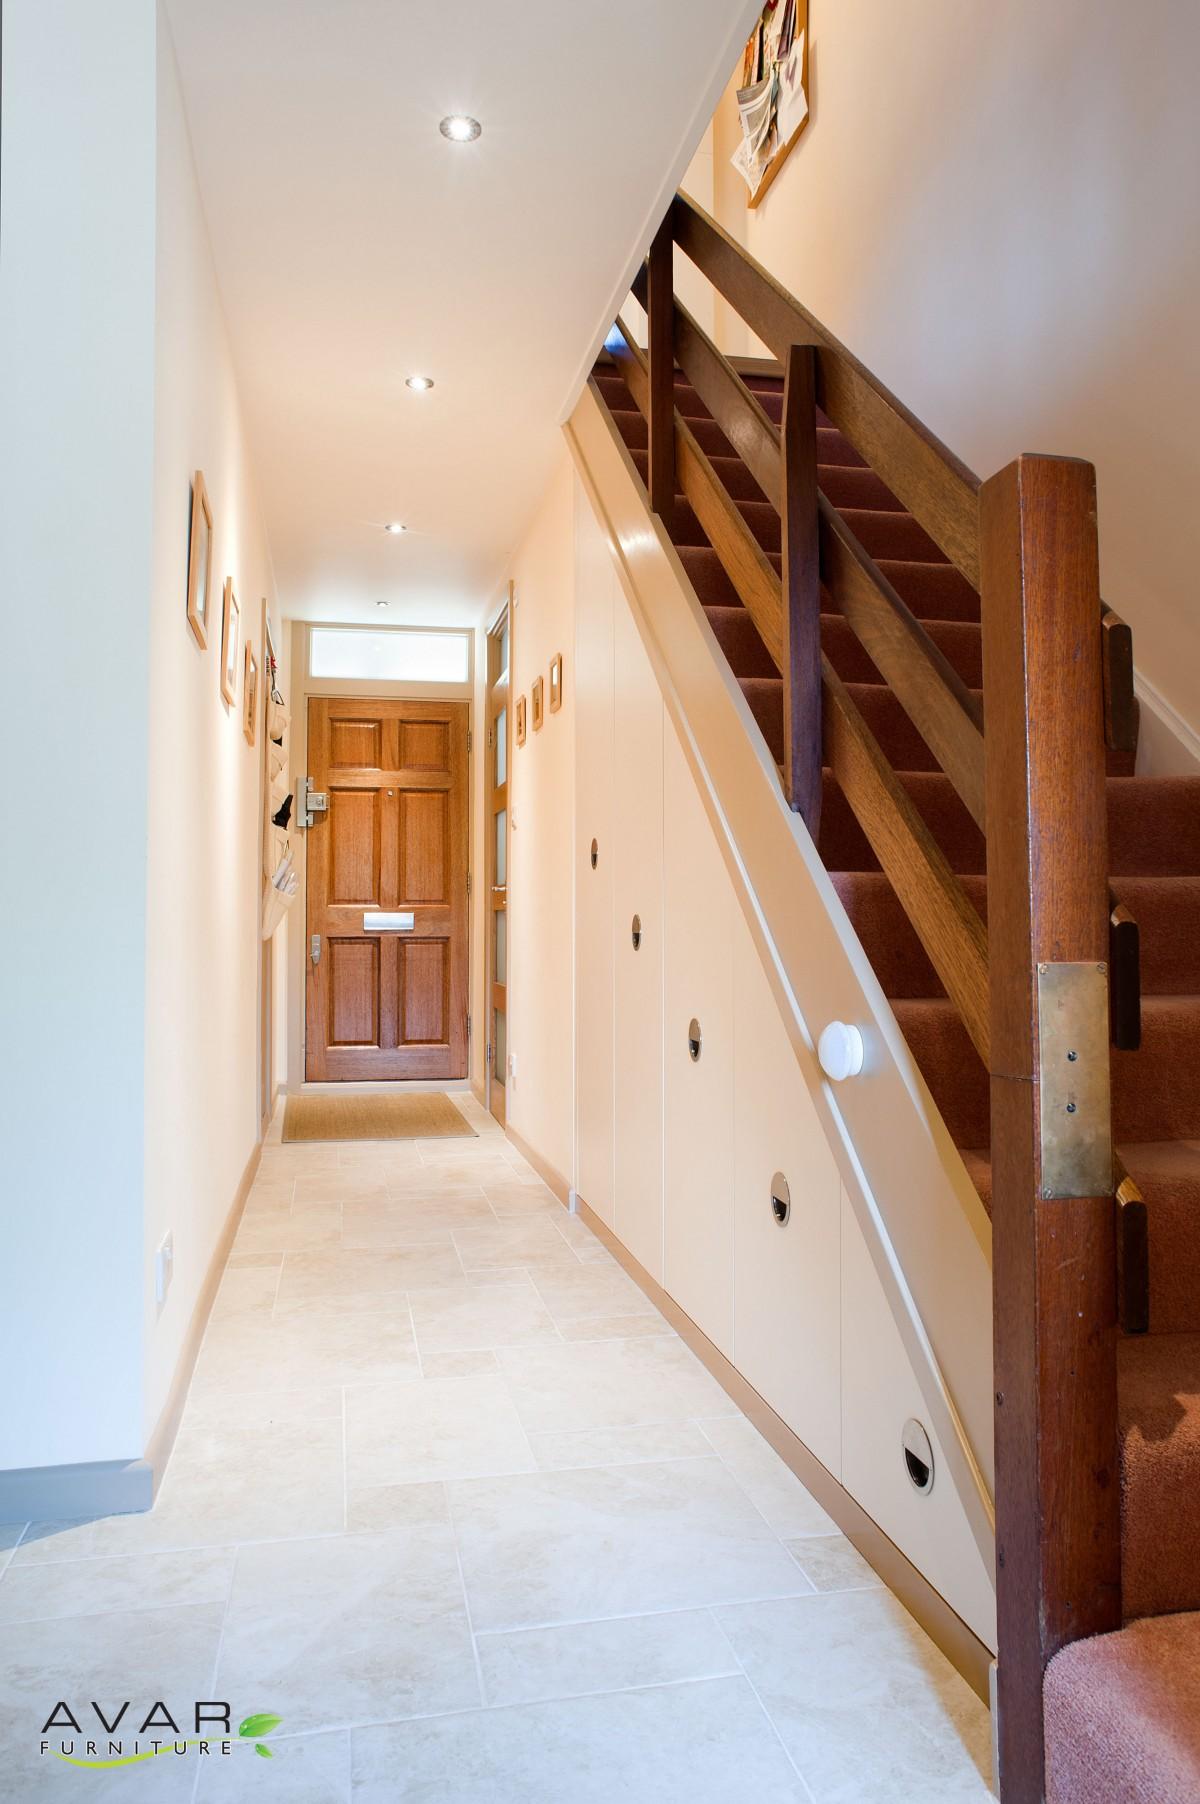 Understairs storage & ƸӜƷ Under Stairs Storage | North London UK | Avar Furniture